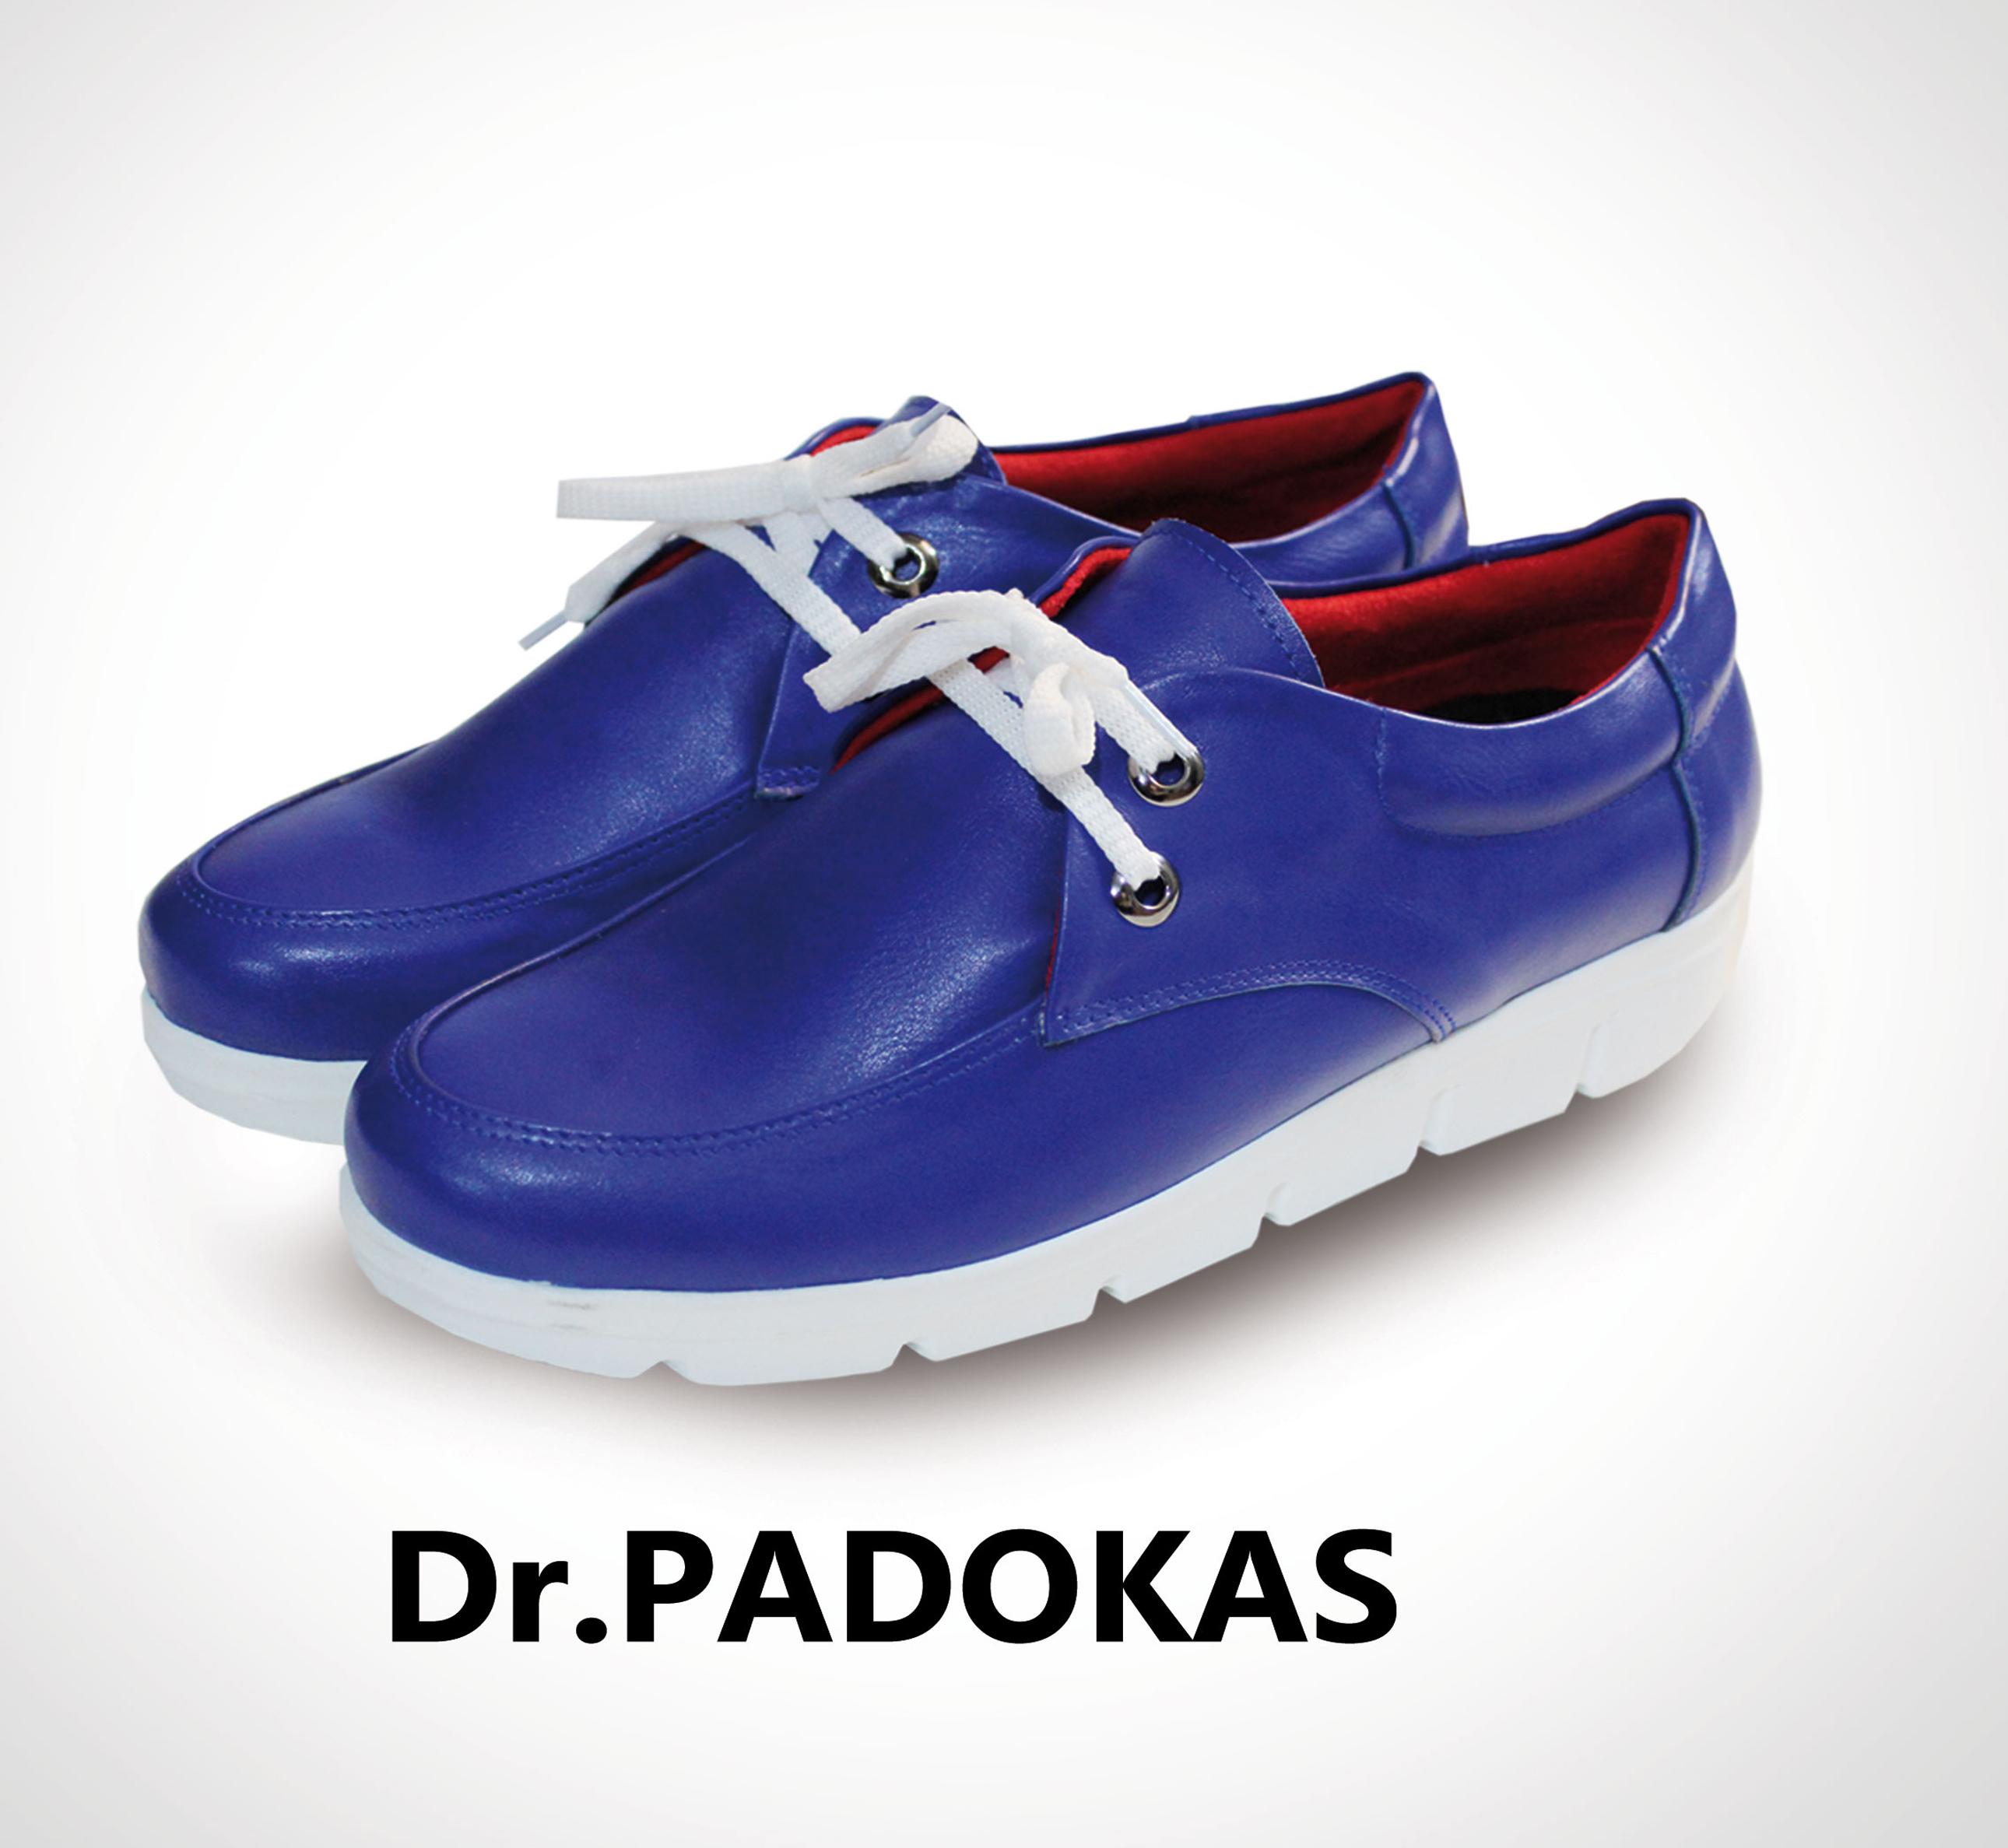 کفش طبی دکتر پادوکاس